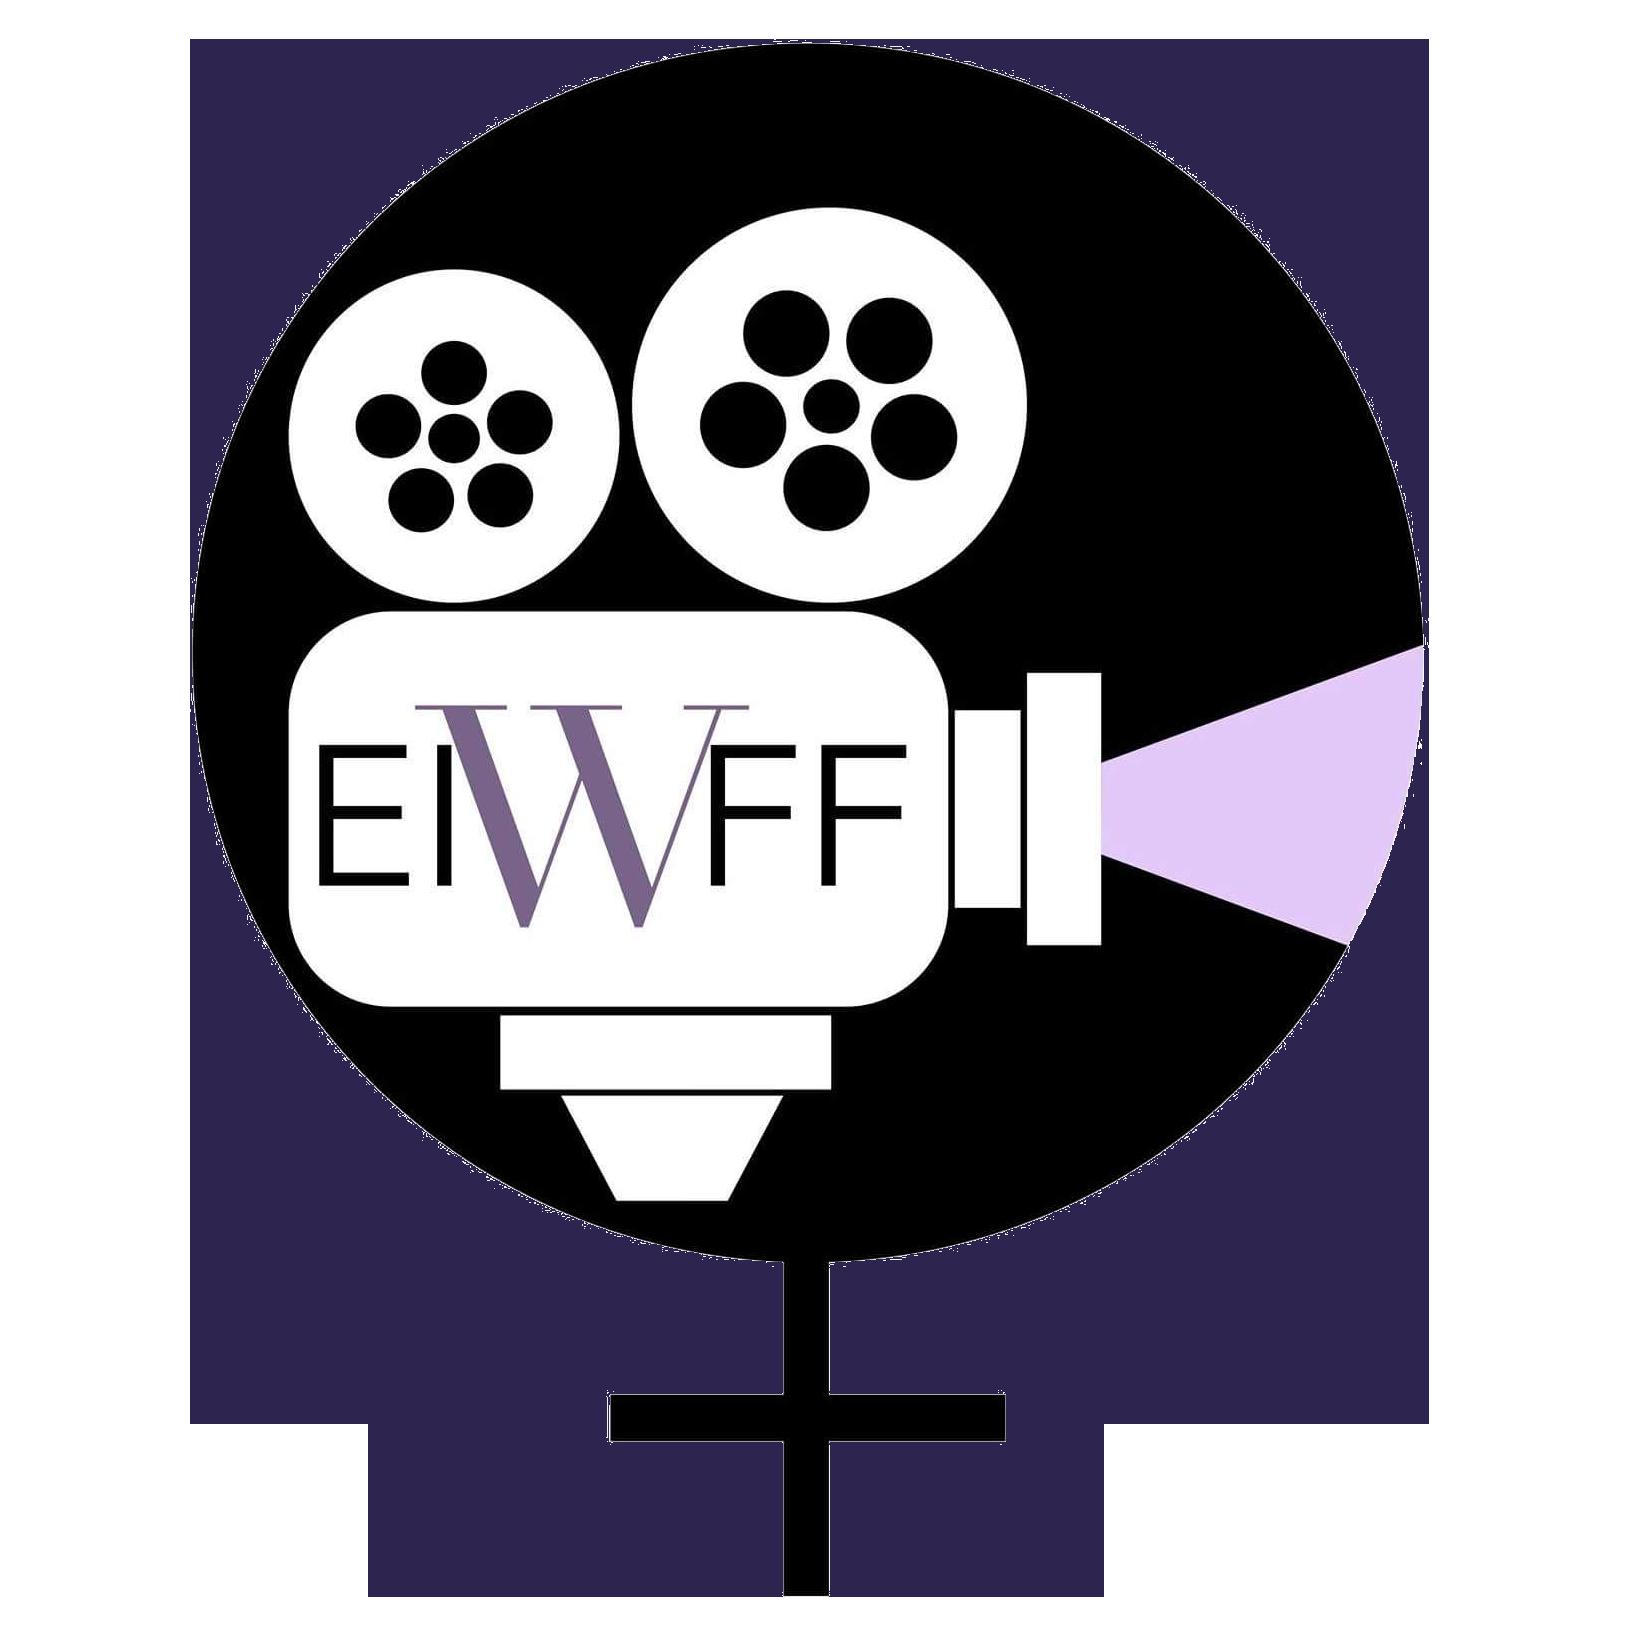 EIWFF 2018 – EIWFF 2018 – Edmonton International Women Film